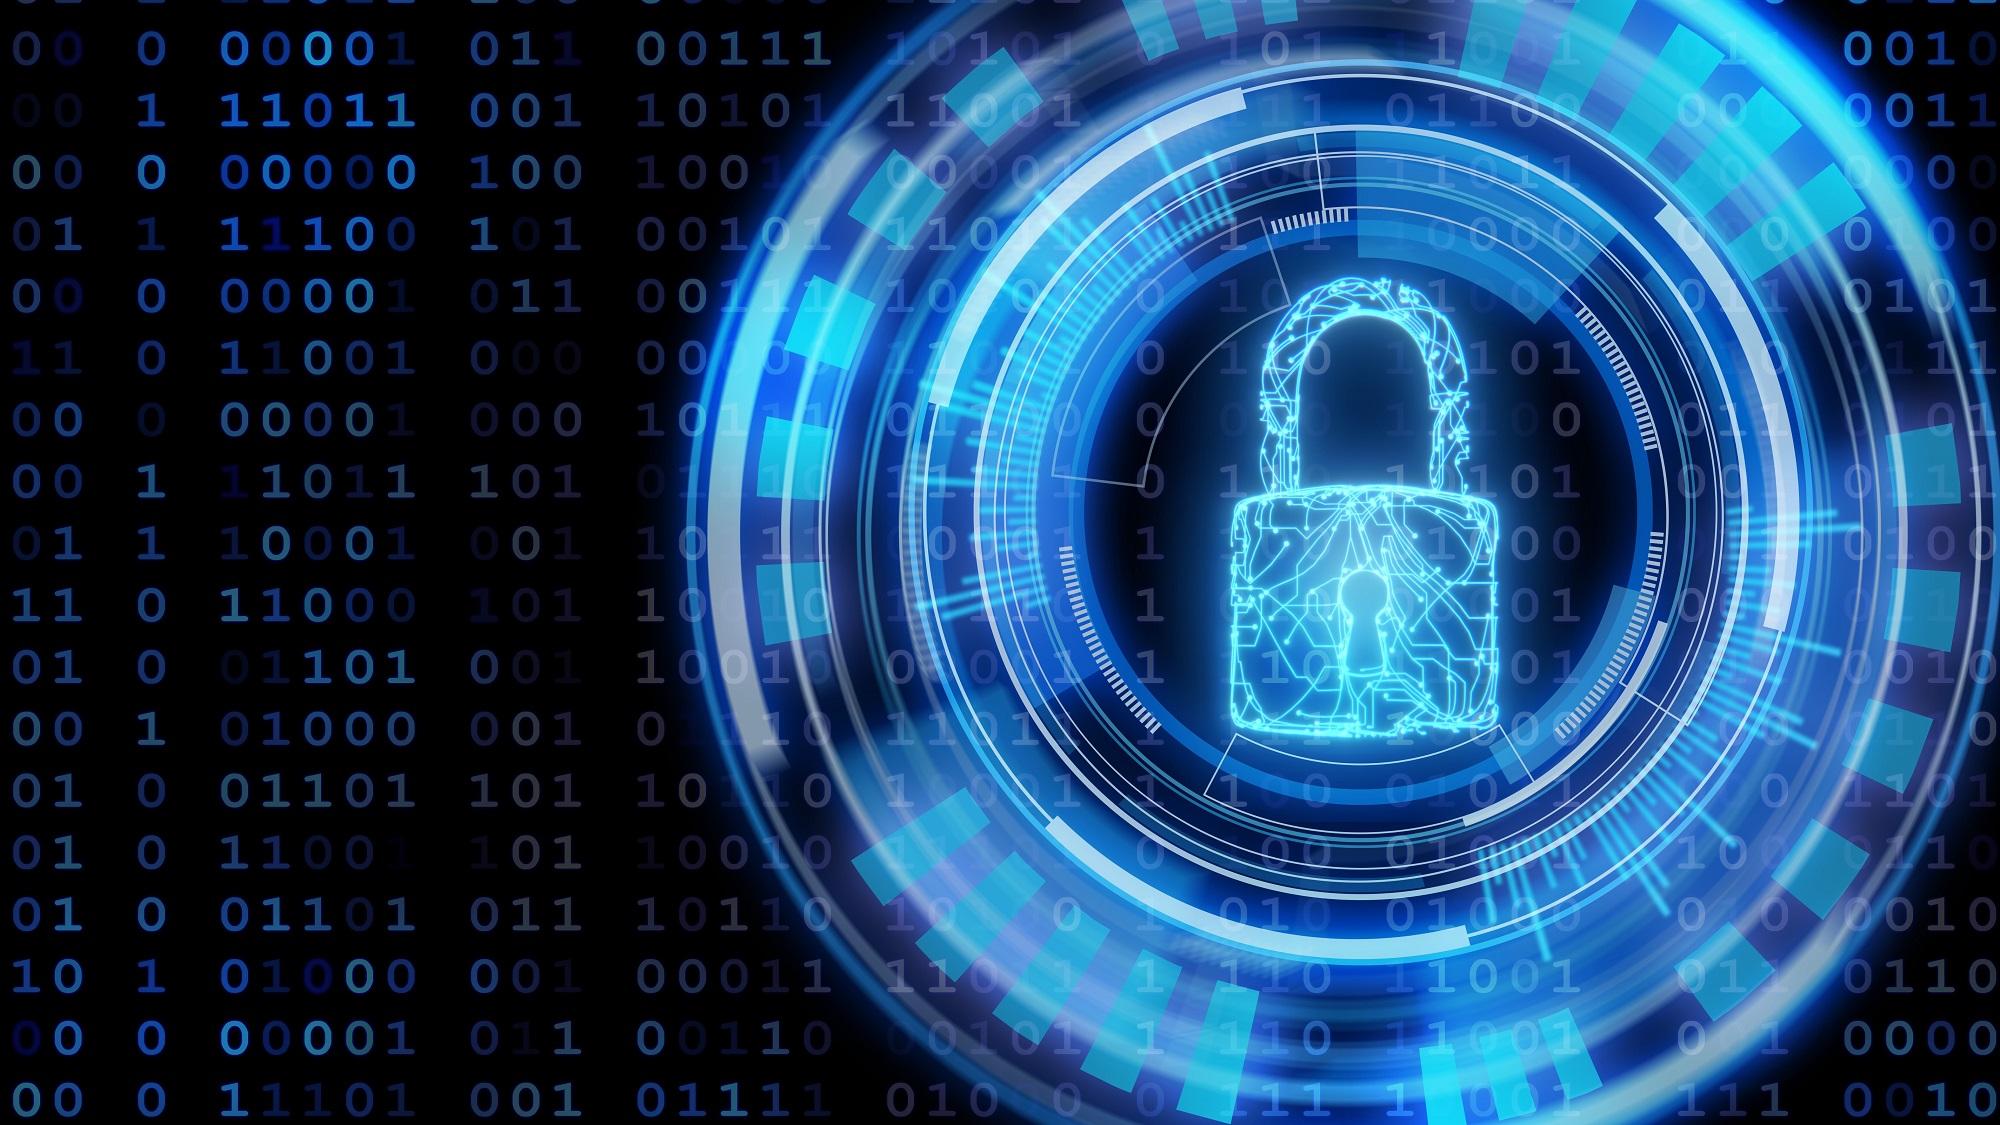 پهنای باند حملات DDoS